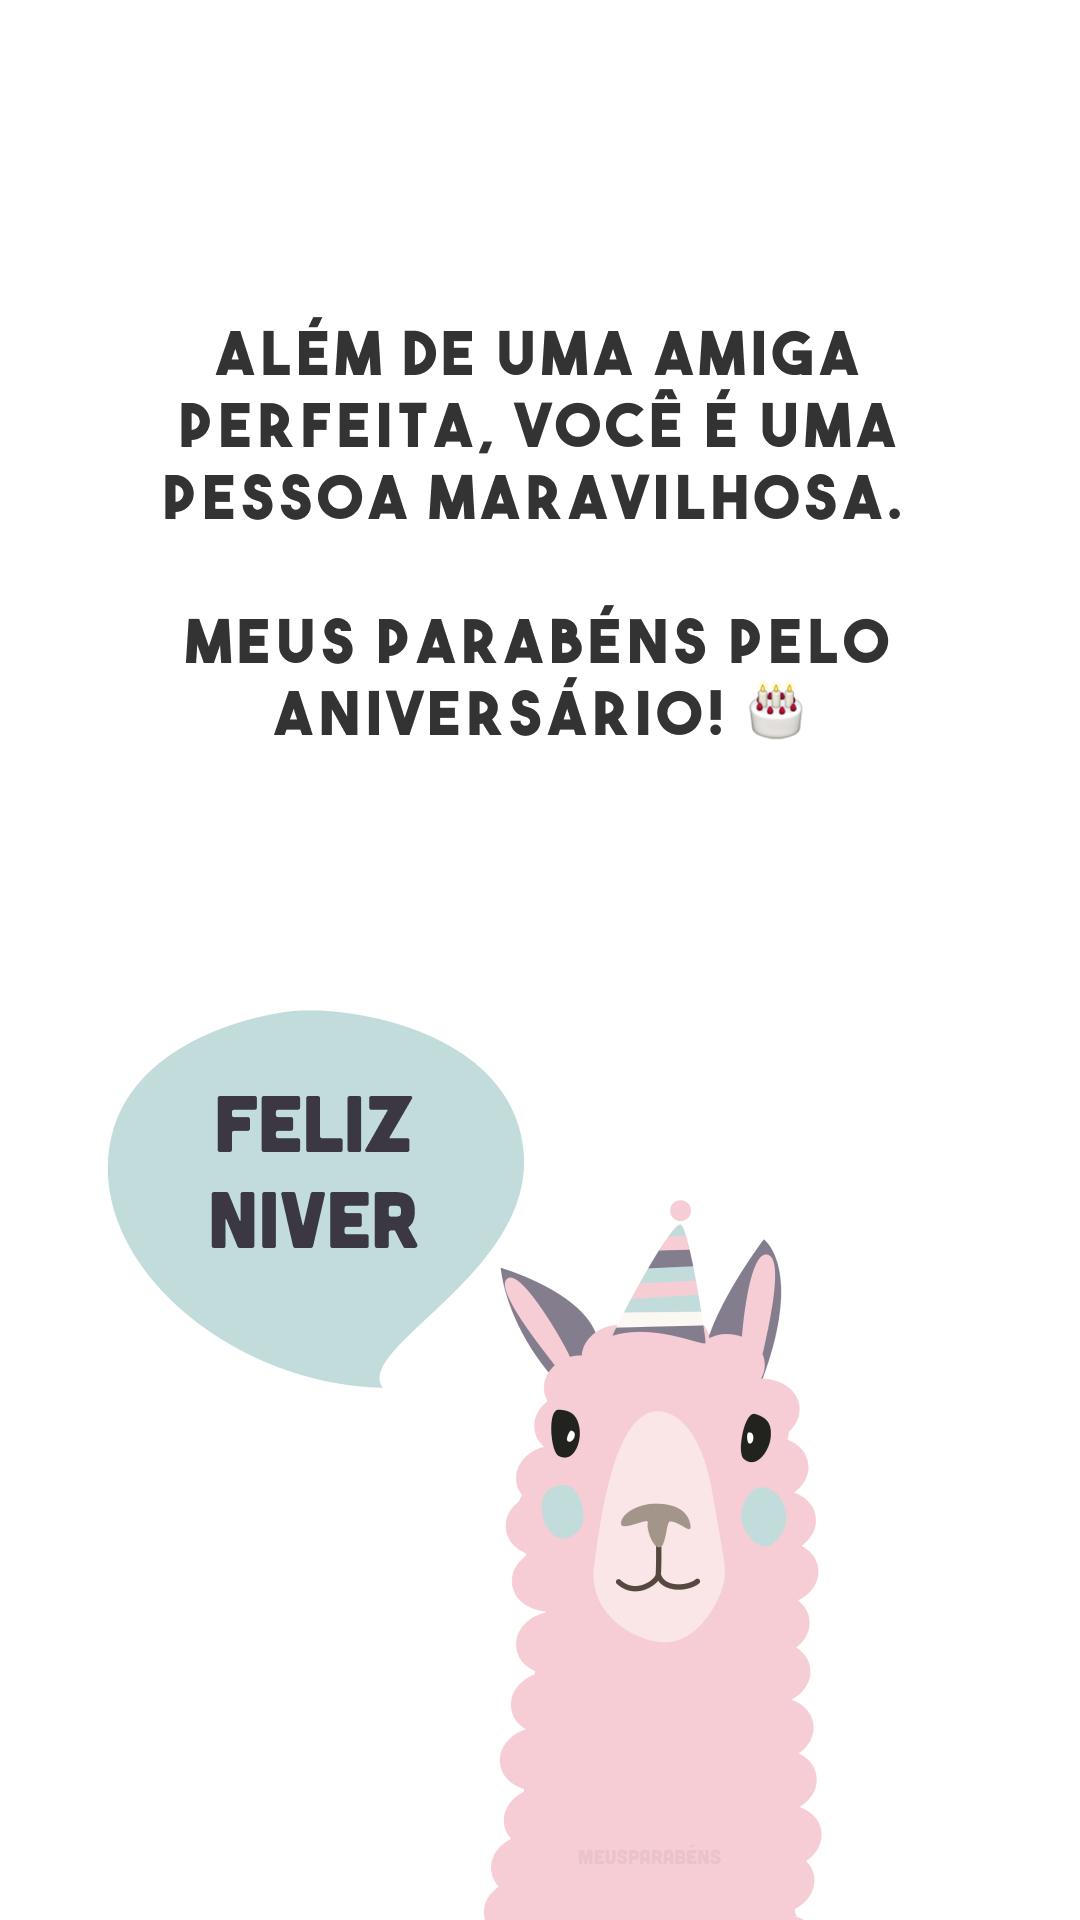 Além de uma amiga perfeita, você é uma pessoa maravilhosa. Meus parabéns pelo aniversário! 🎂